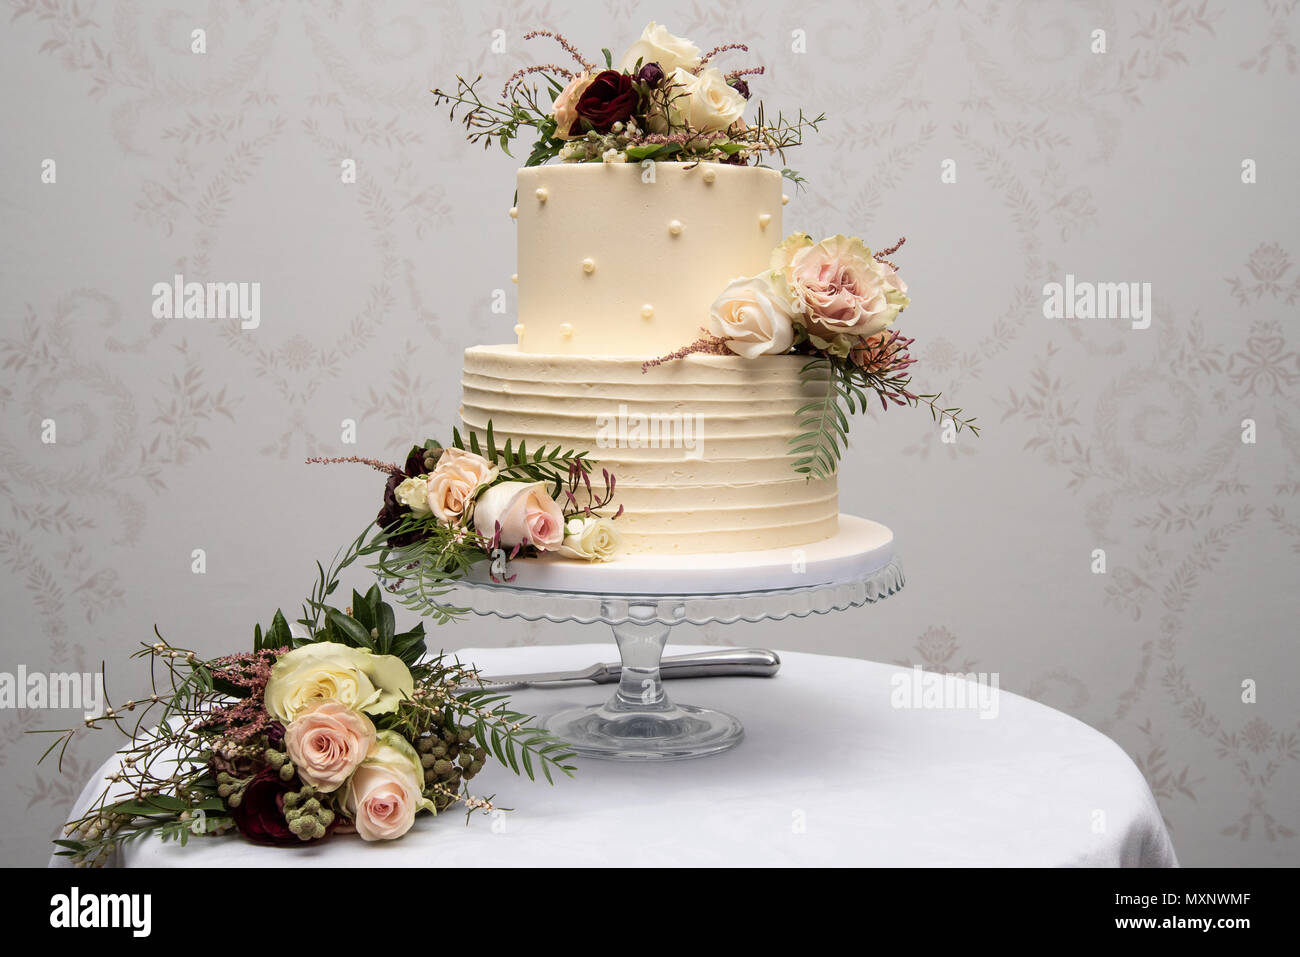 Champagner Hochzeitstorte mit gelb und rosa Blumen Stockfoto